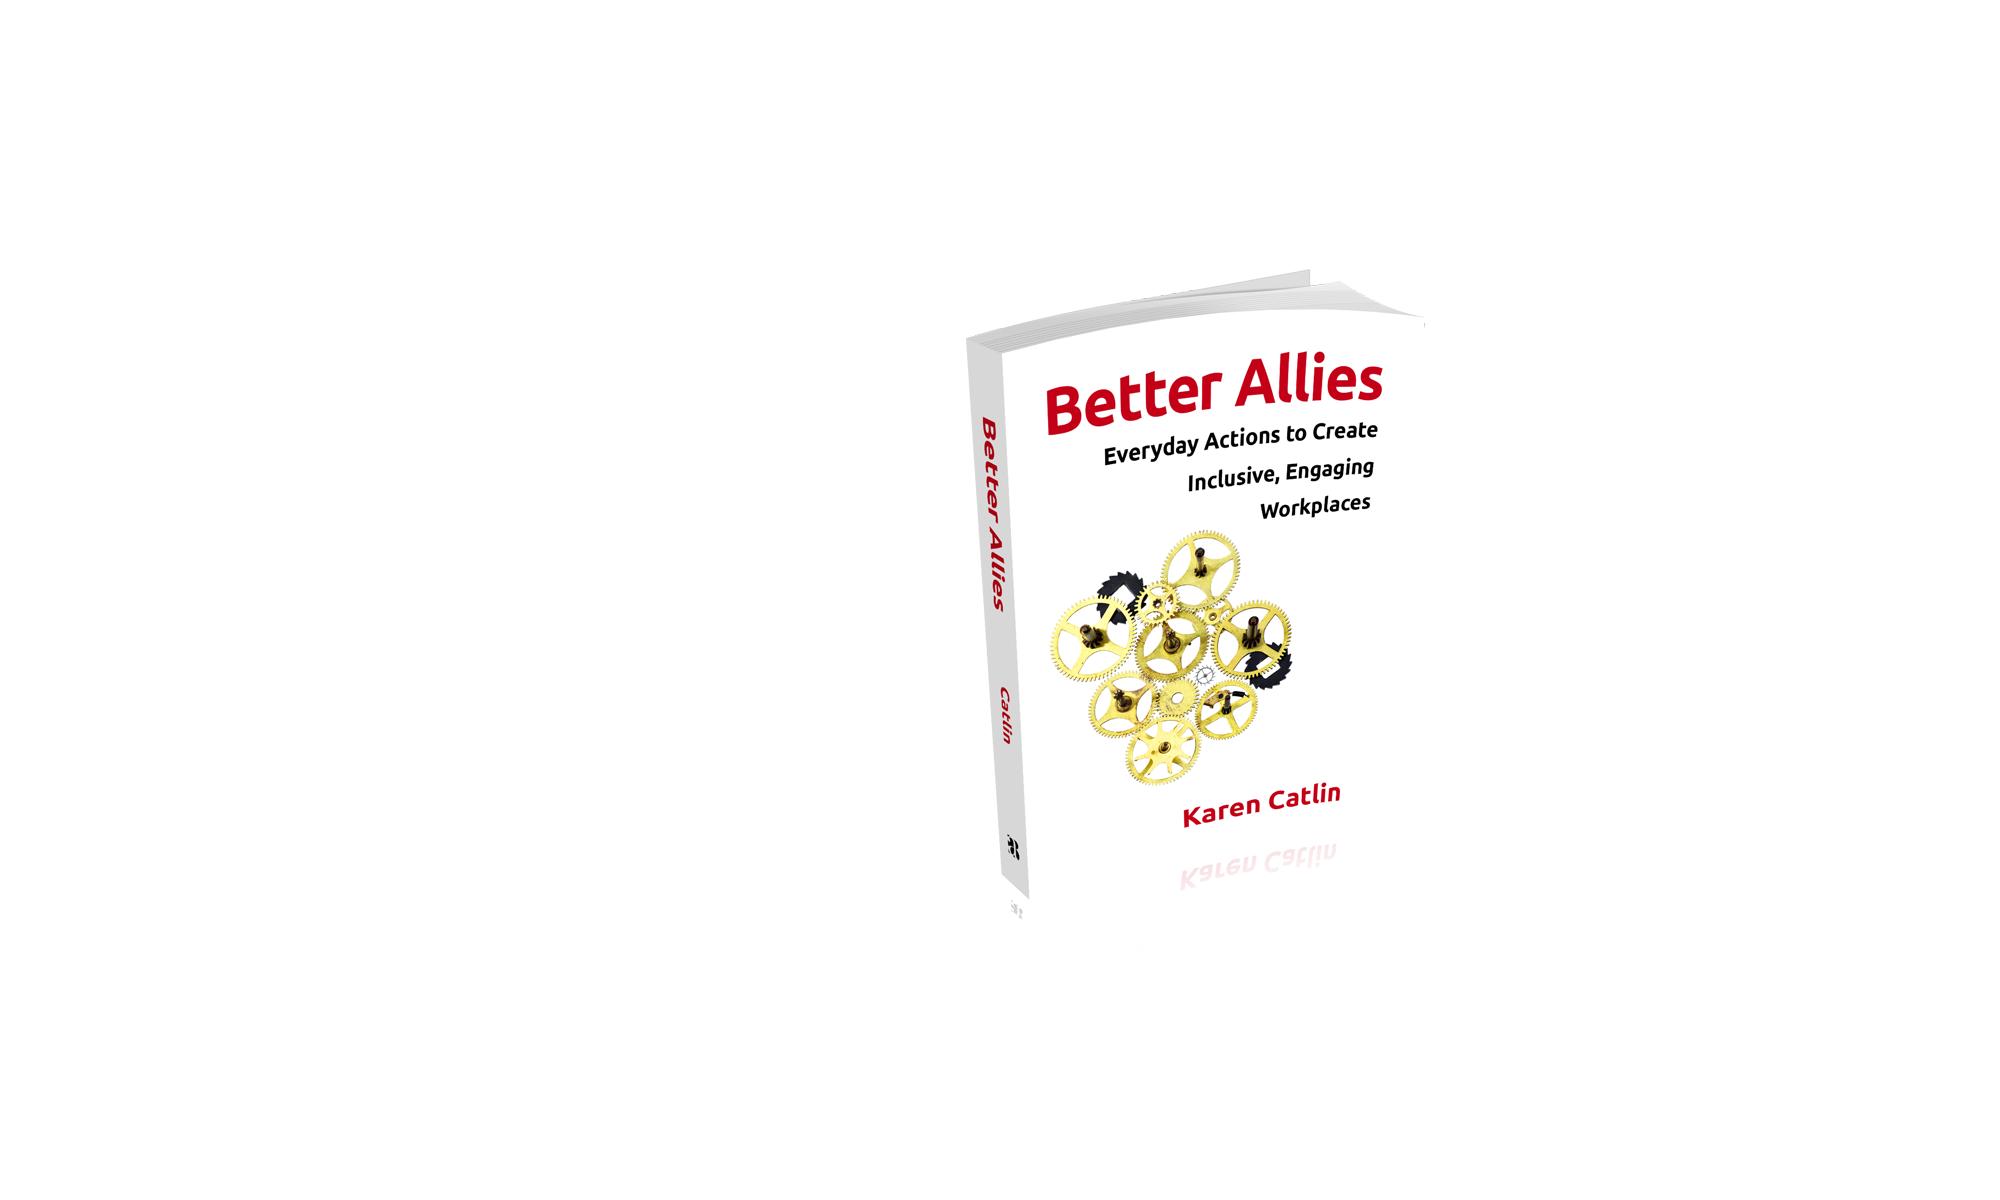 Better Allies